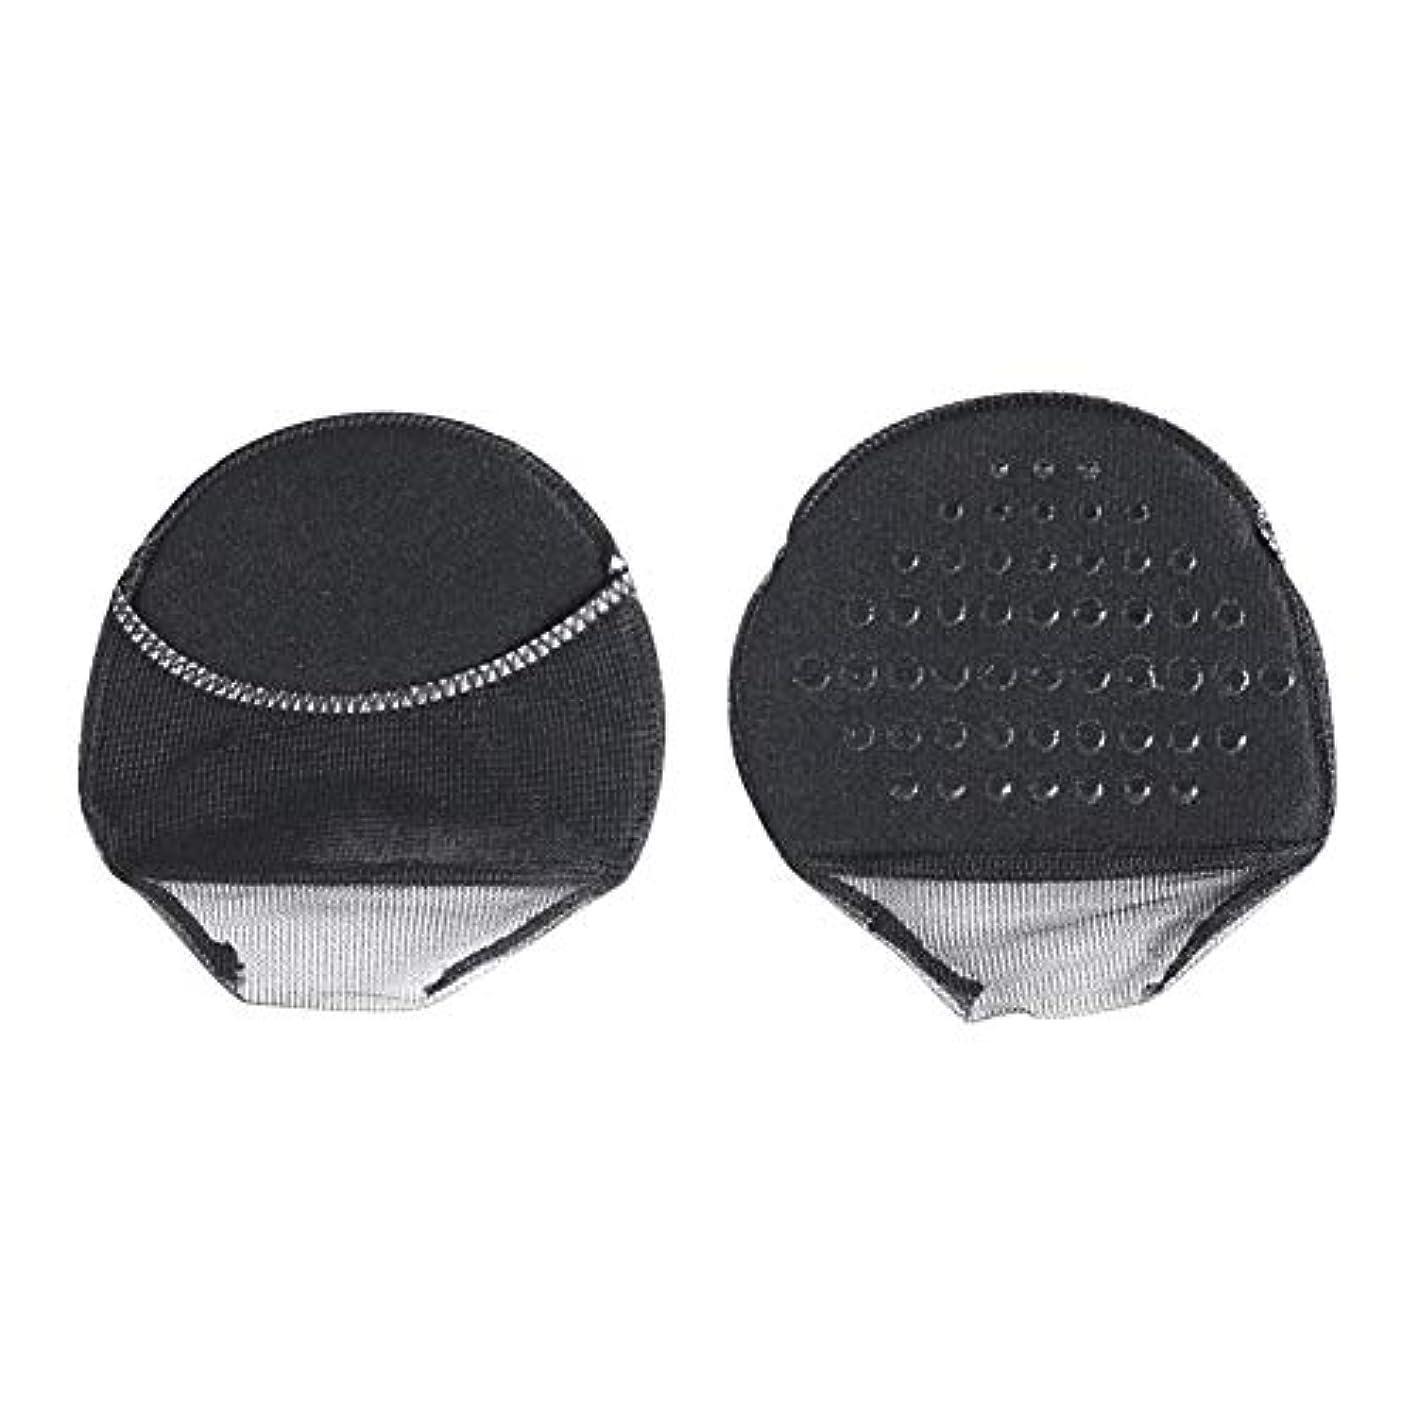 渇きプランテーションベッドを作るuirendjsf 前足パッド - 10ペア ハイヒールの靴 スポンジインソール クッション 滑り止め 見えない靴下